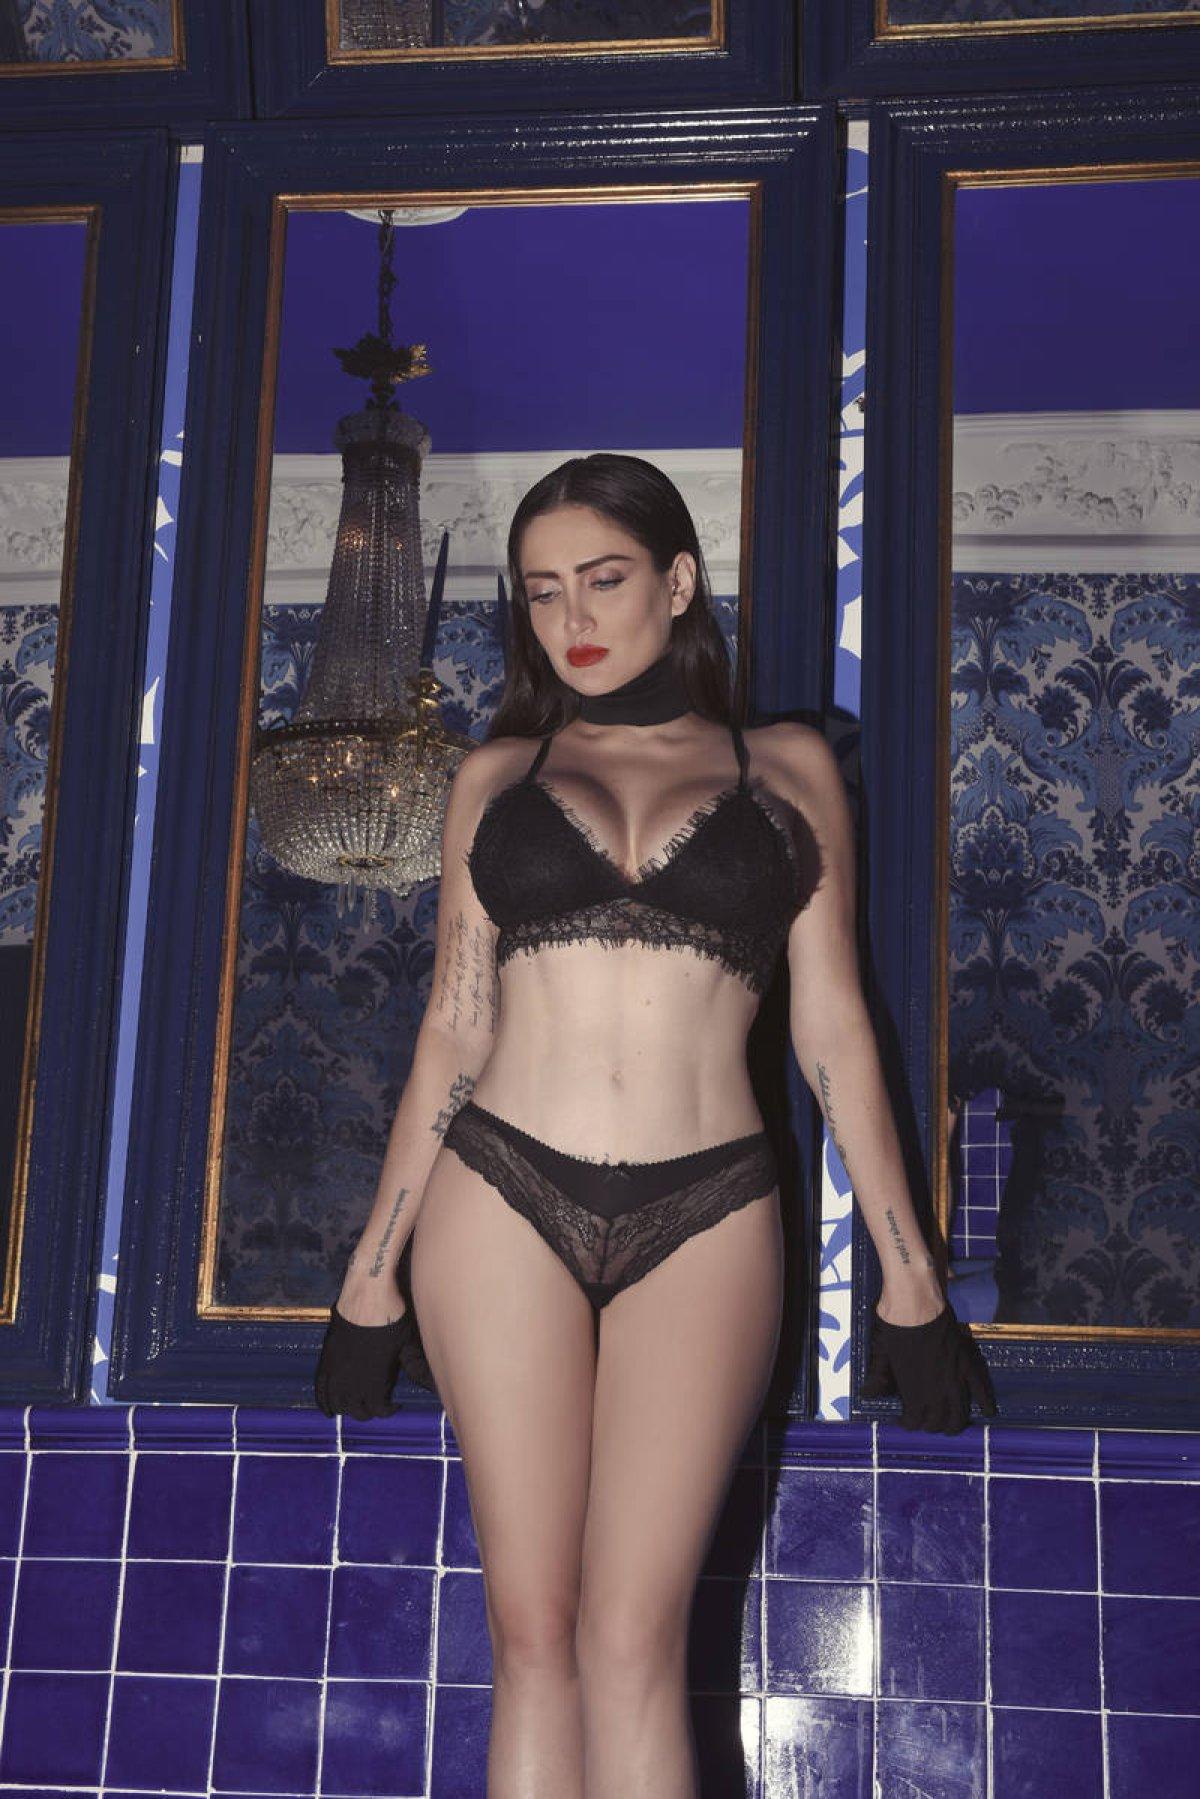 Attractive Anna Smith Nude Video Pic